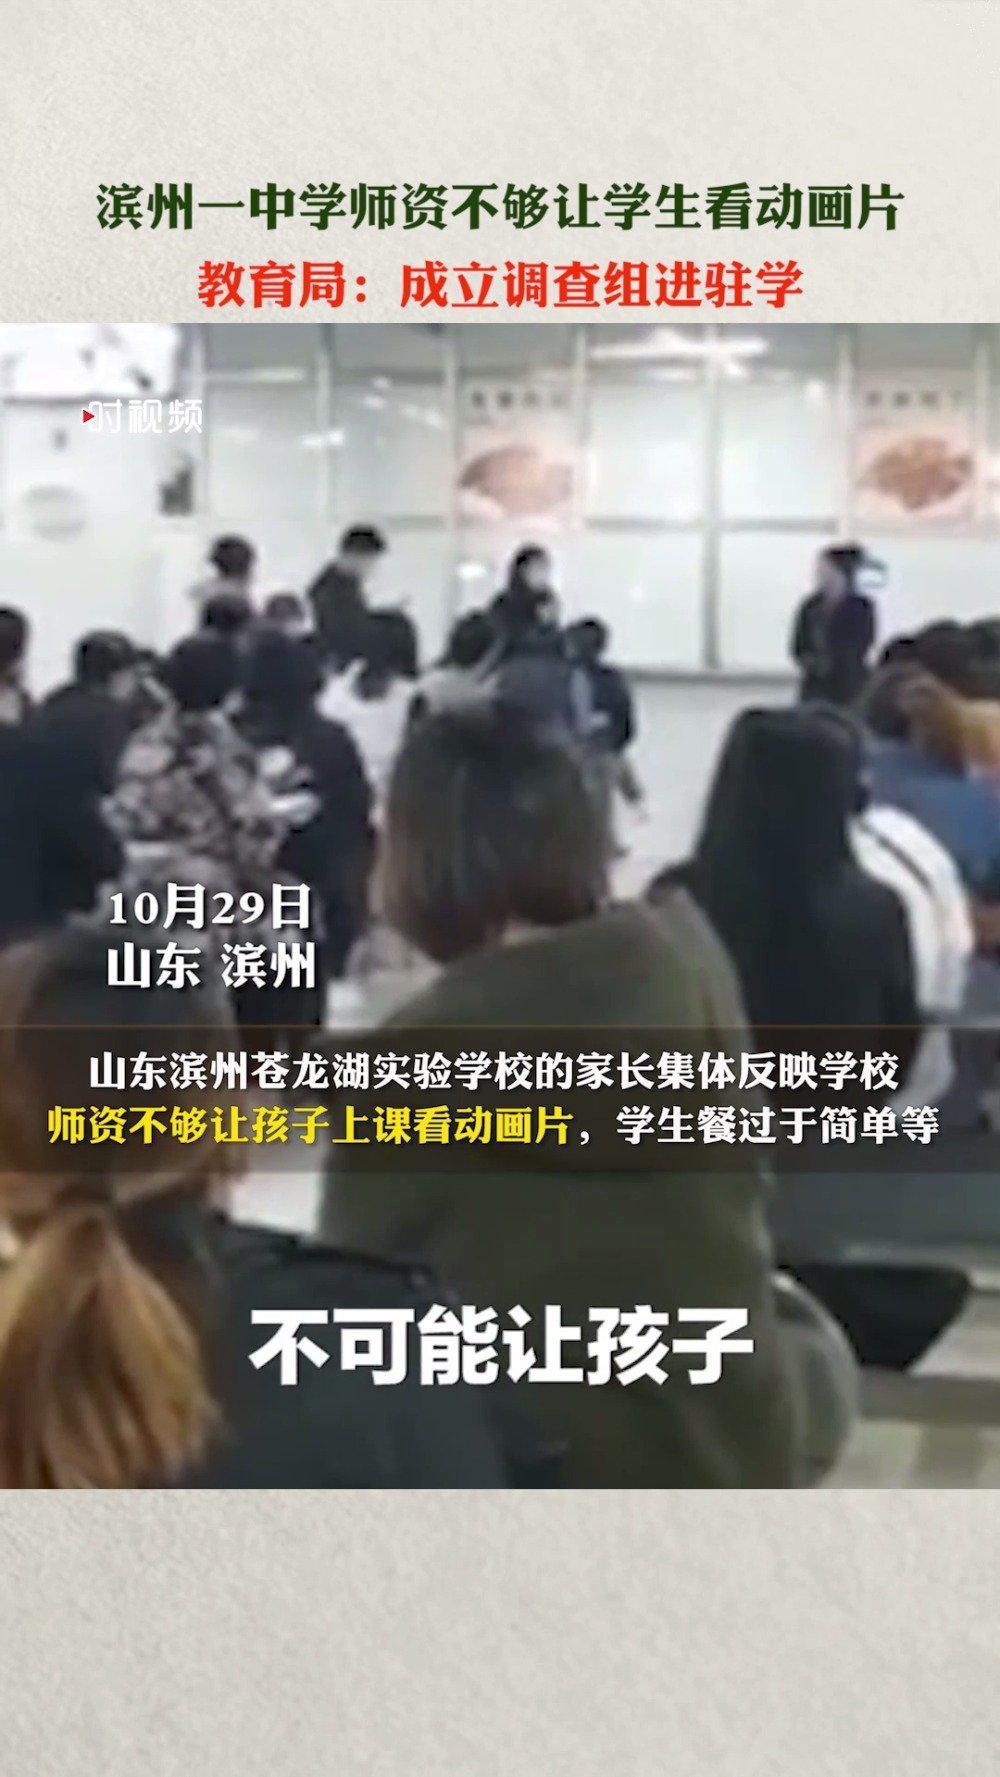 官方回应滨州一中学学生上课看动画片:成立调查组进驻学校